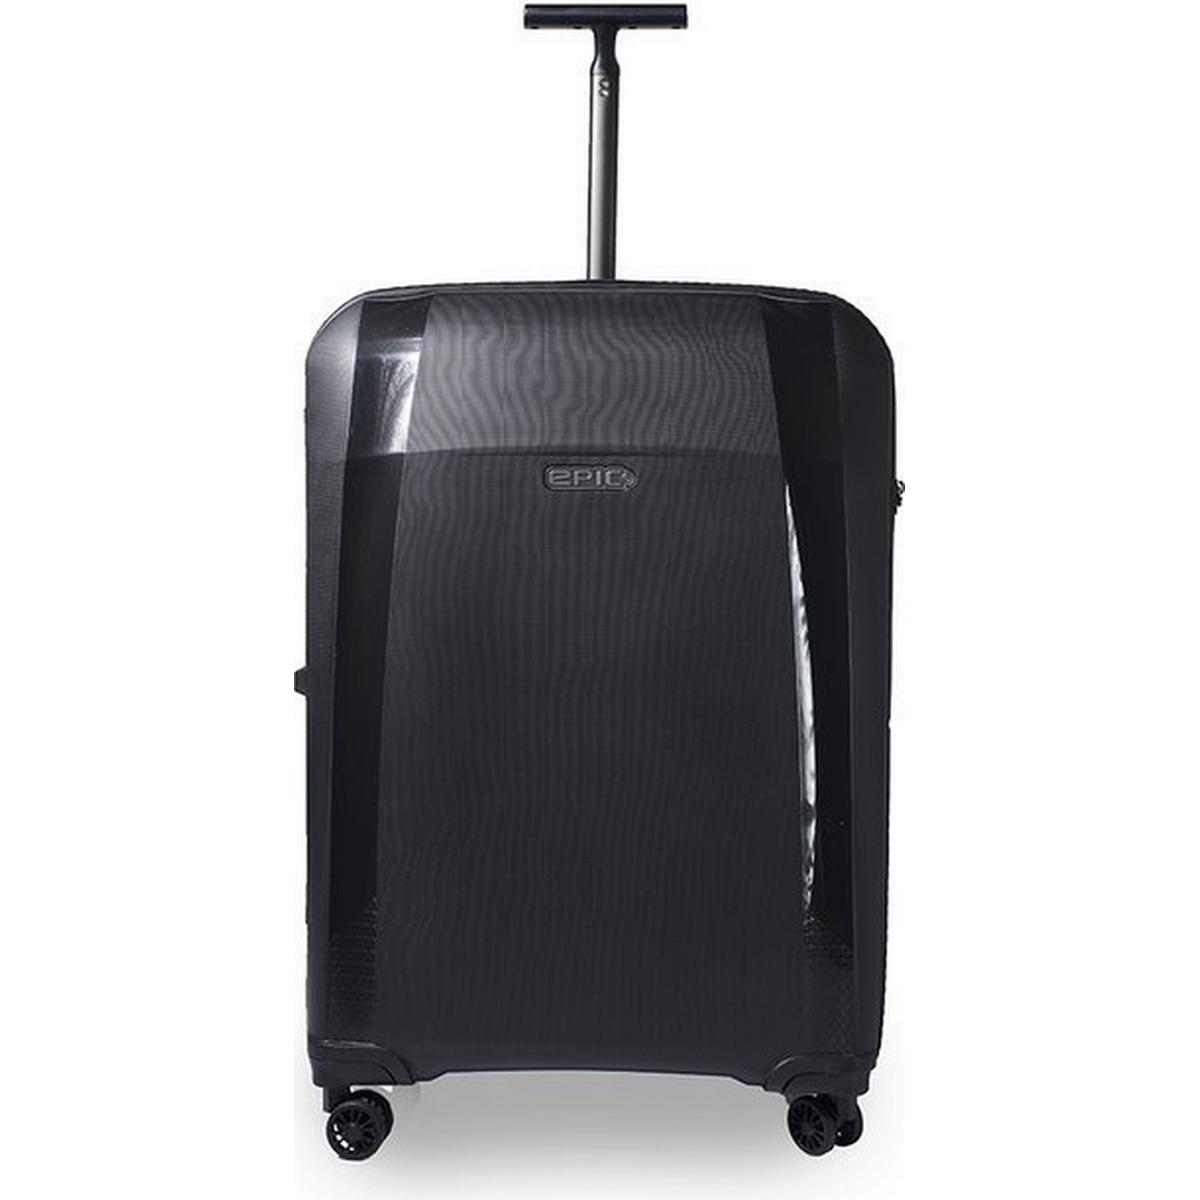 håndbagage kuffert tilbud